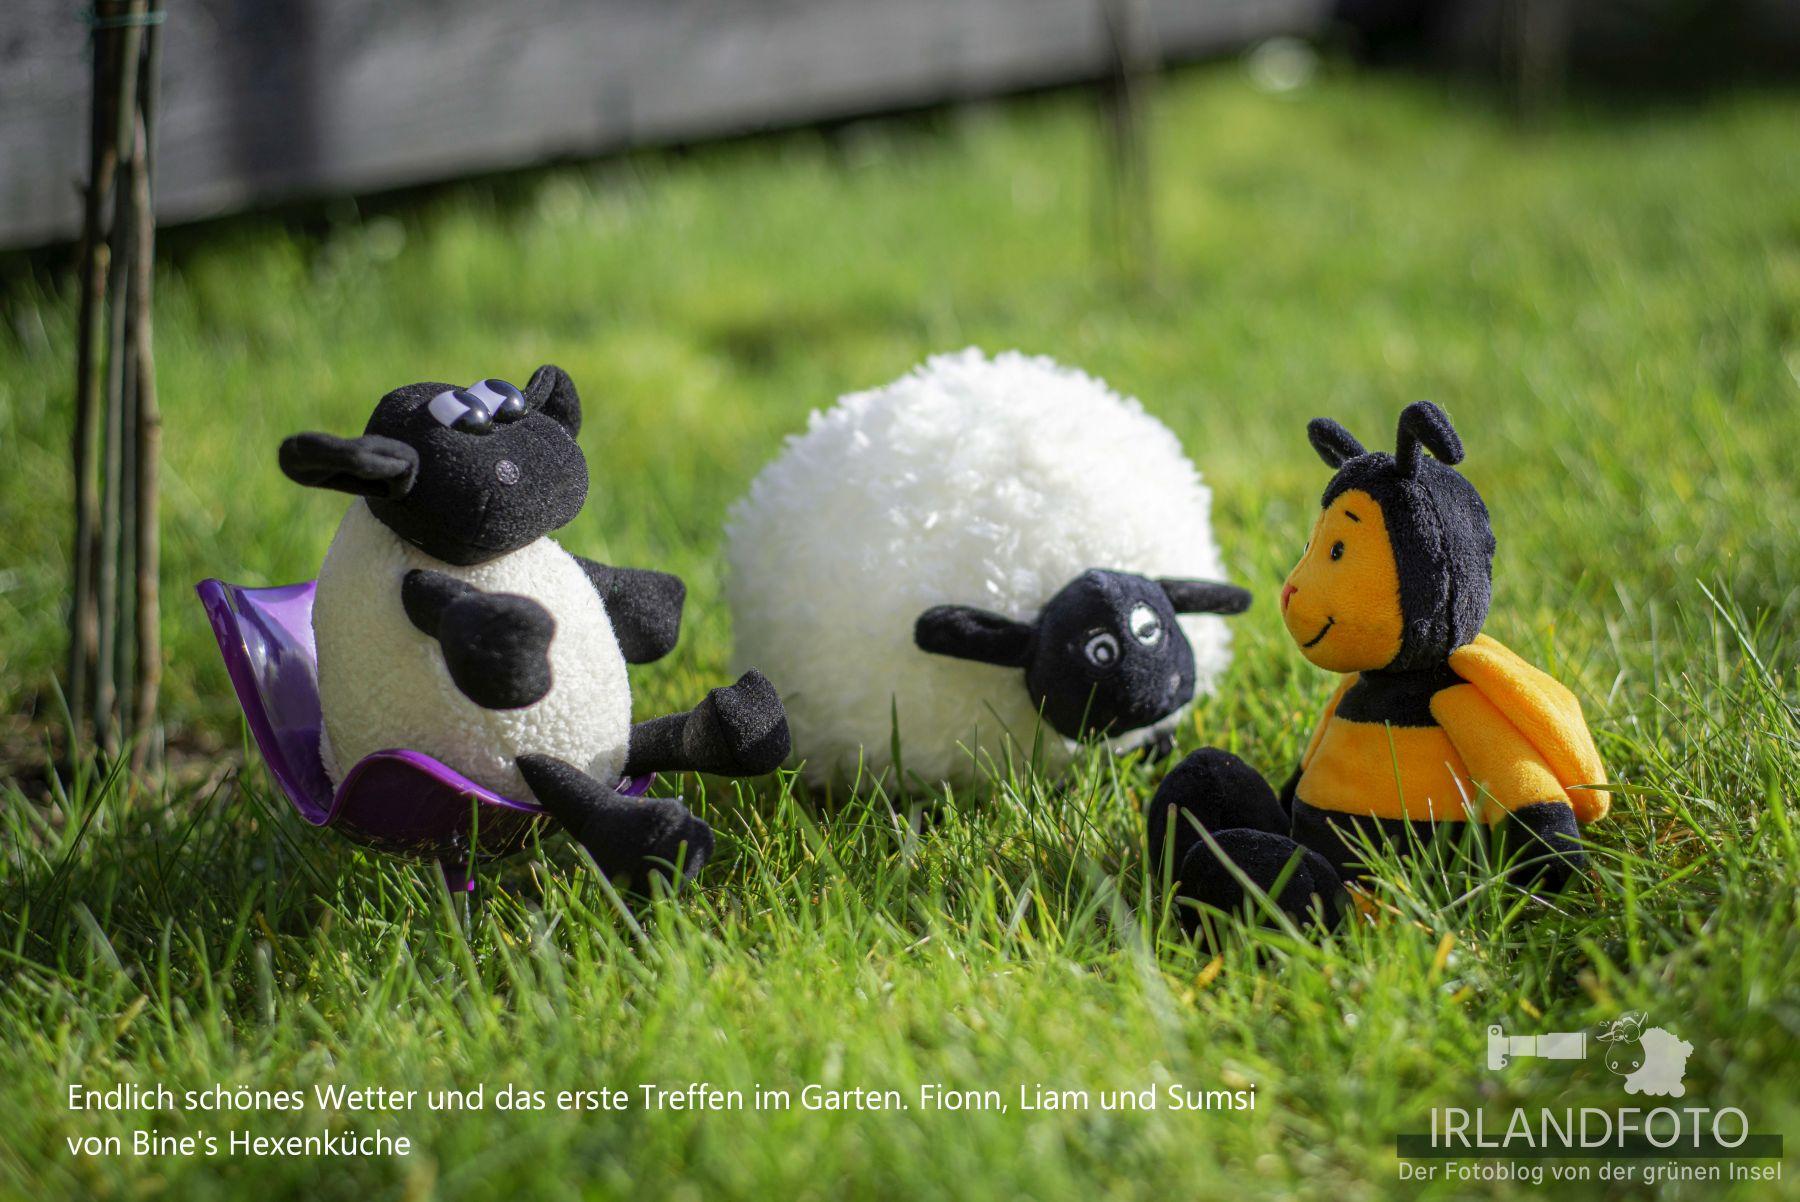 Fionn mit Freunden - Irlandfoto.com